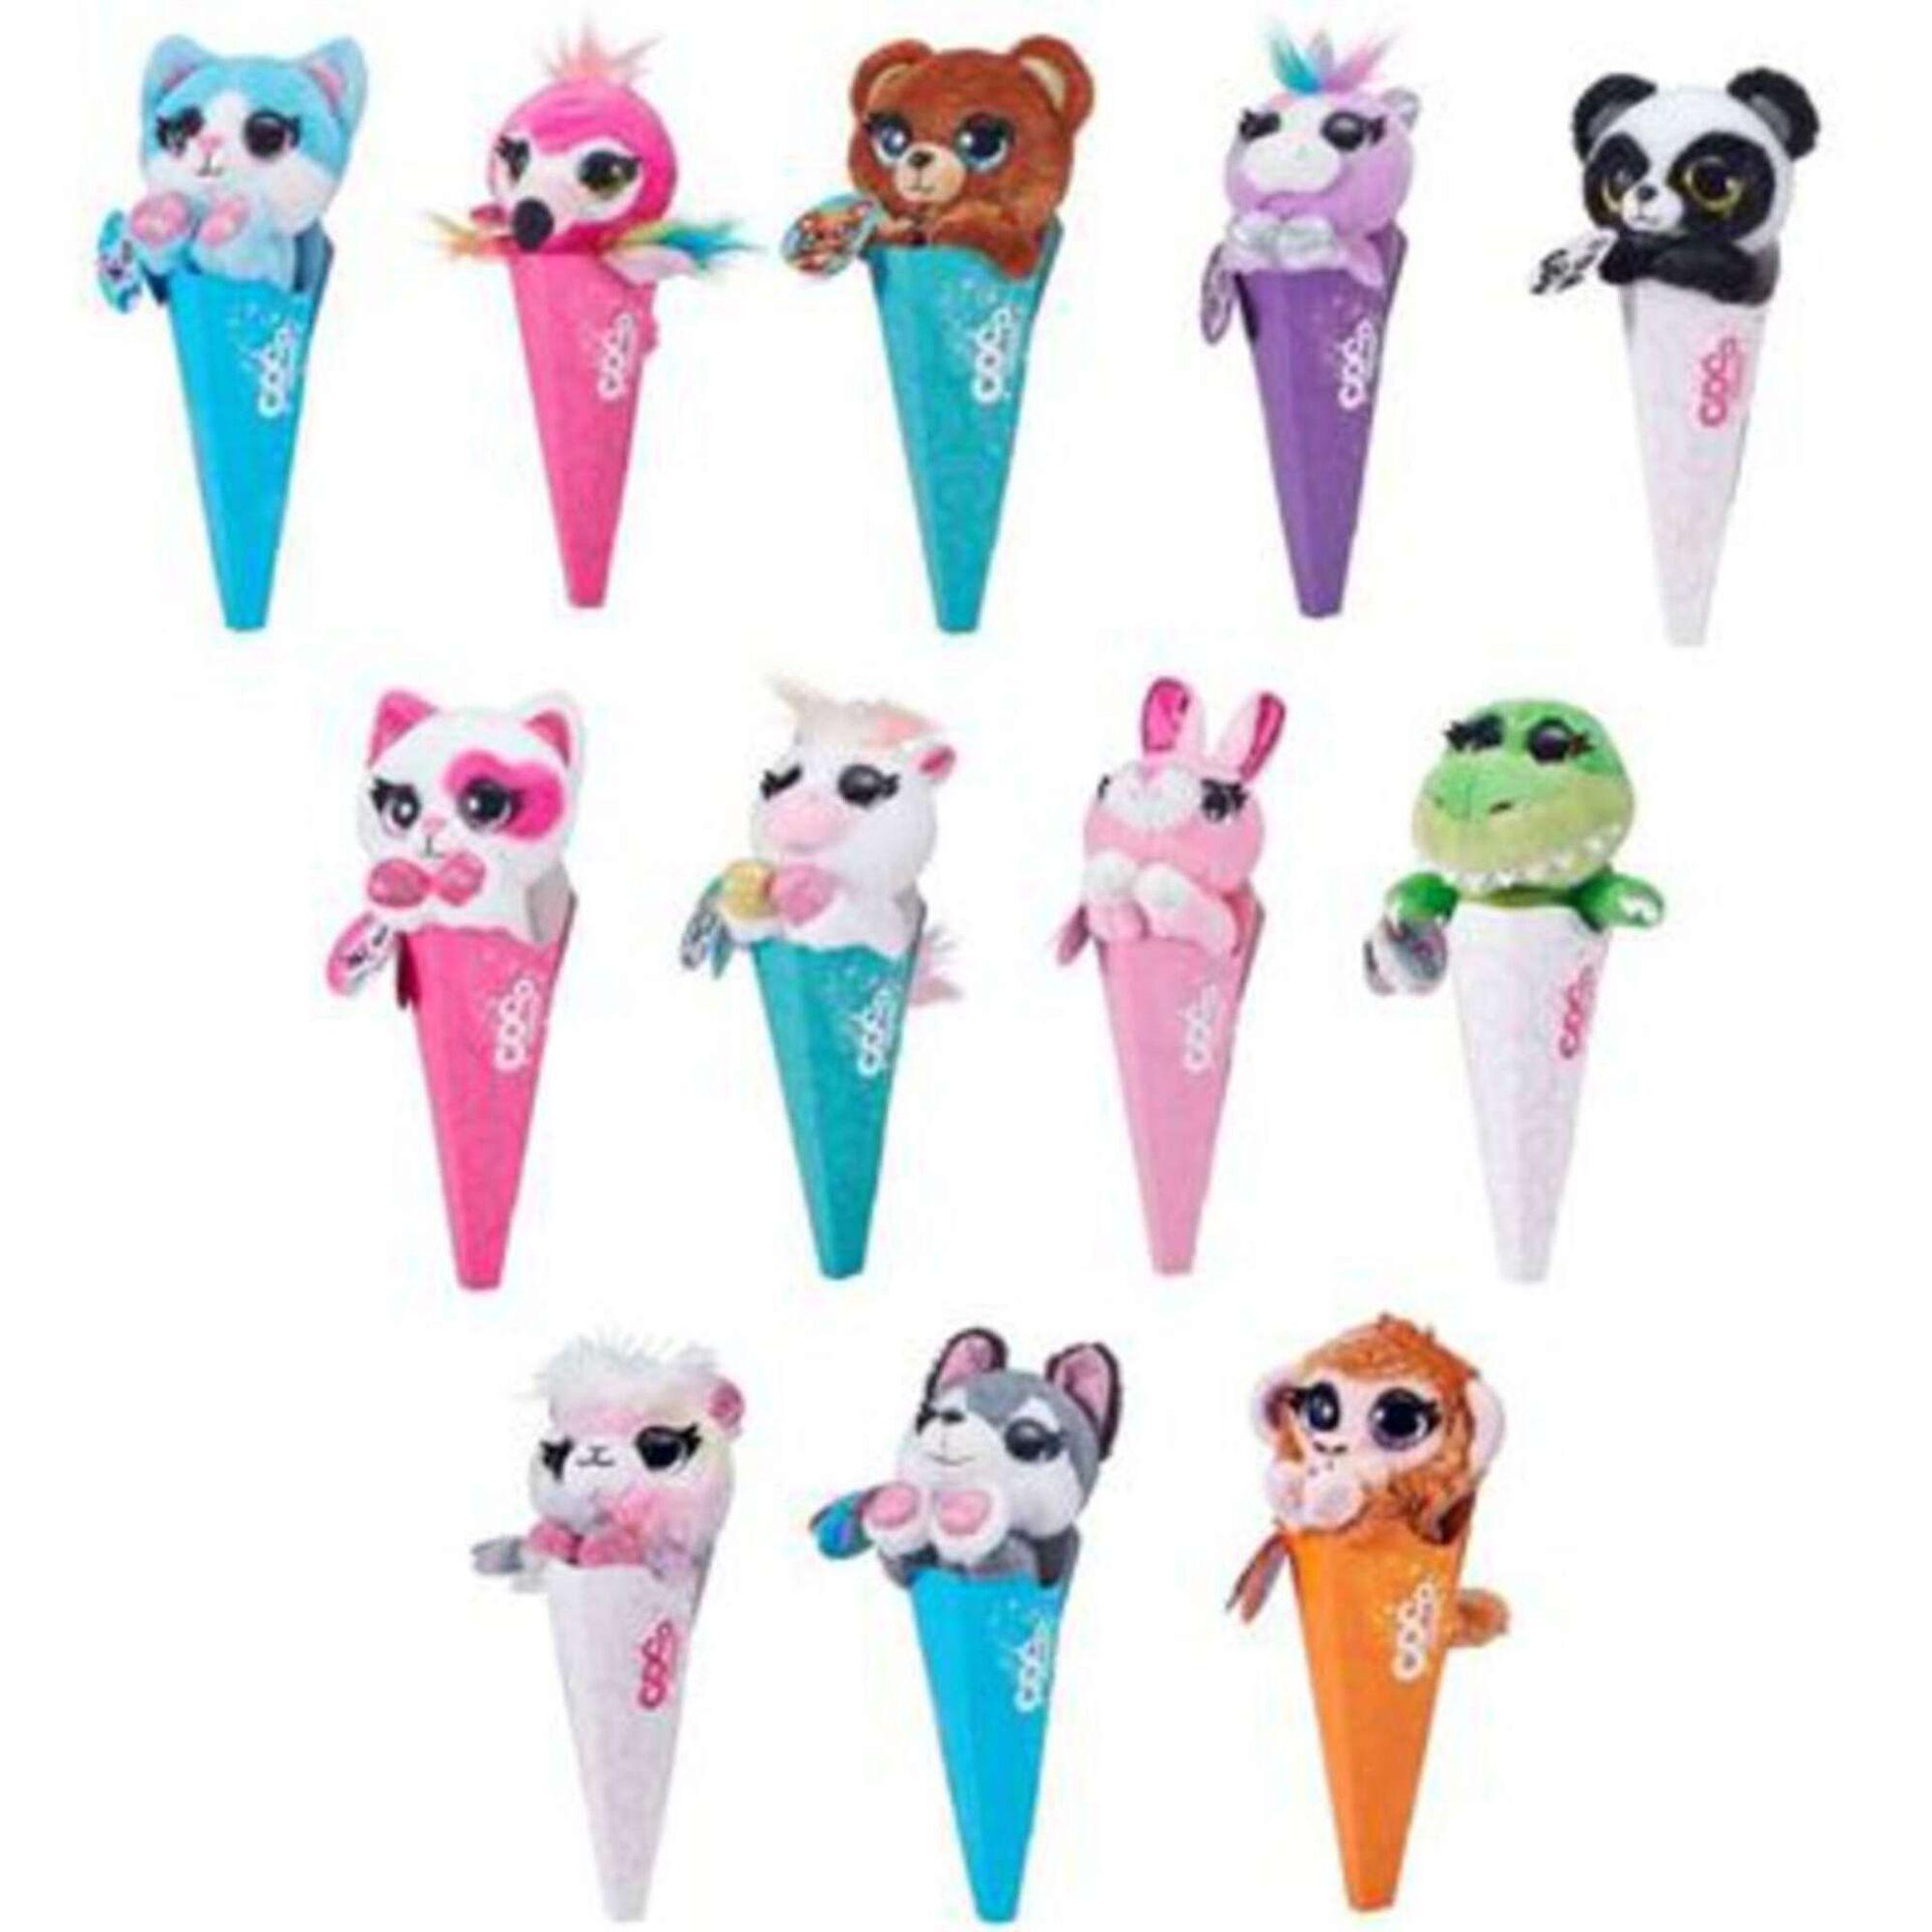 Peluche Coco Surprise Cones (vários modelos)